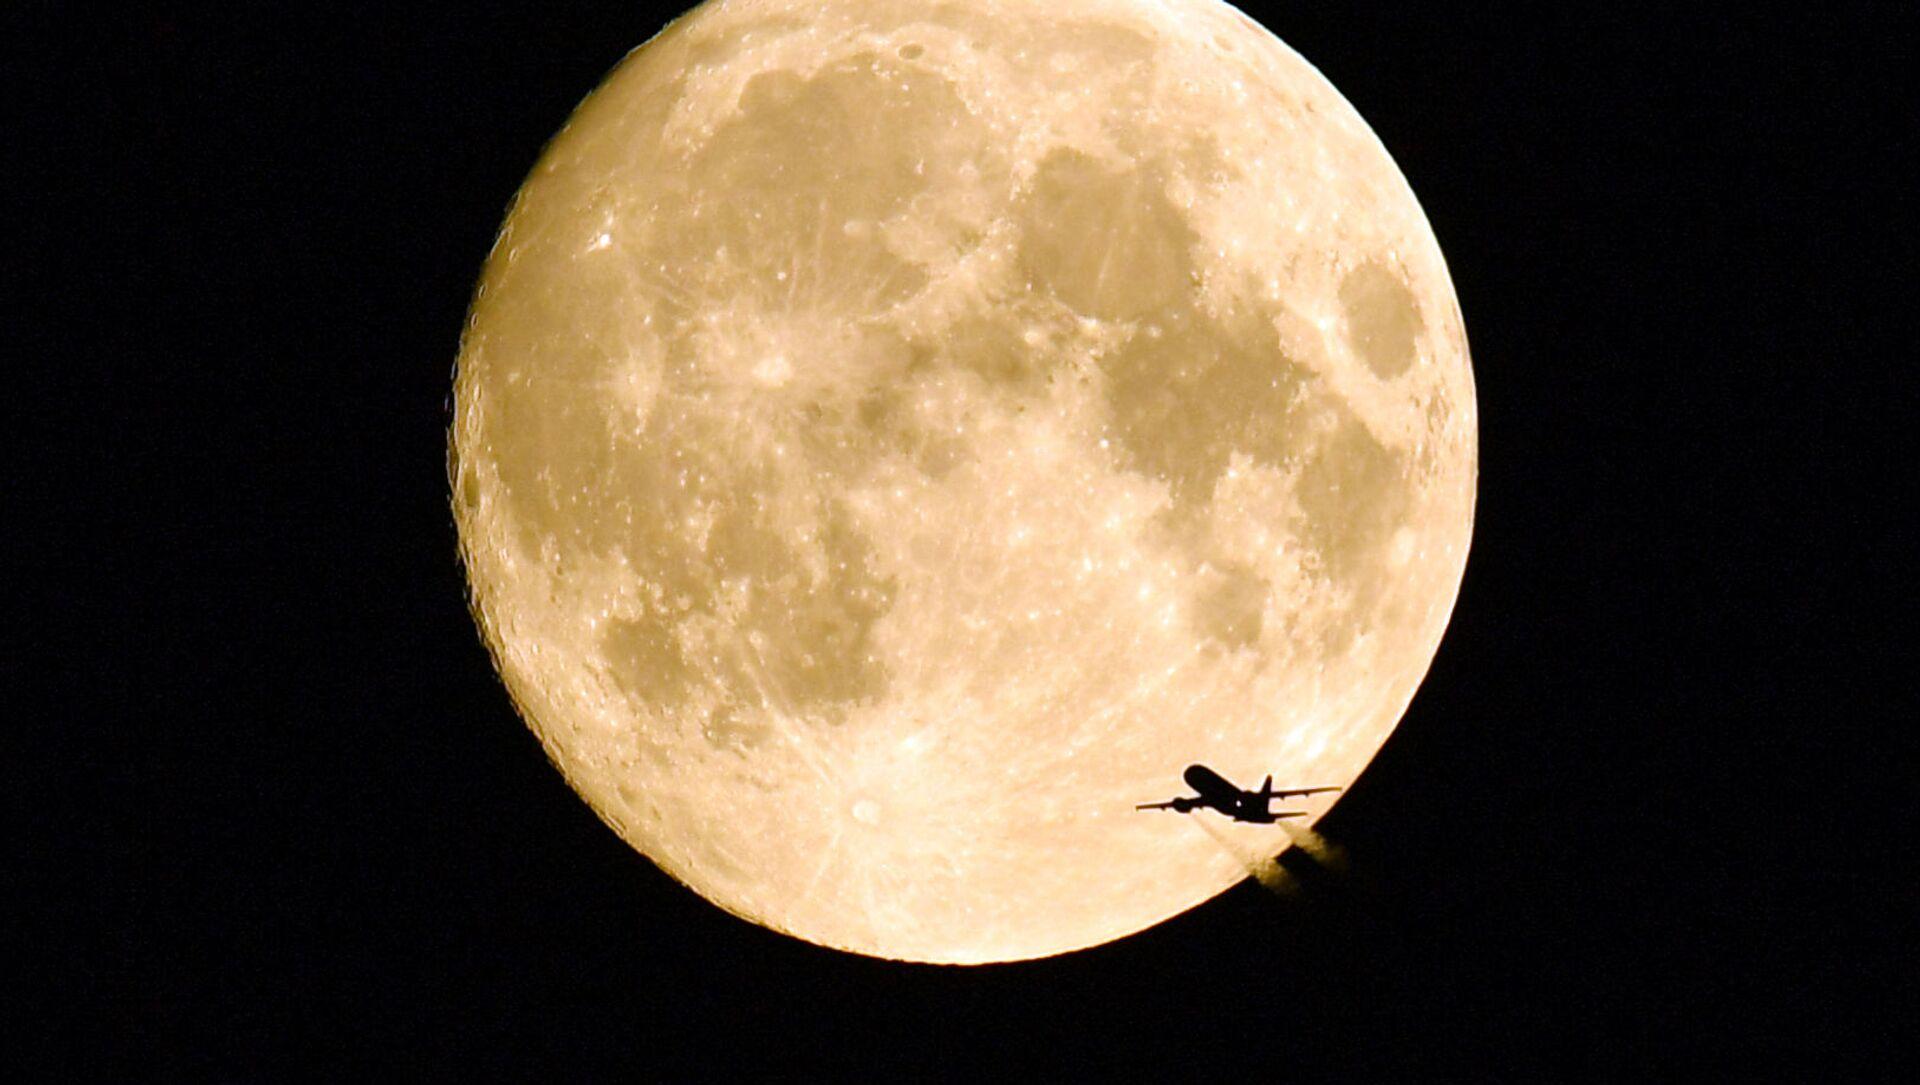 Летящий самолет на фоне полной Луны. - Sputnik Абхазия, 1920, 13.08.2021